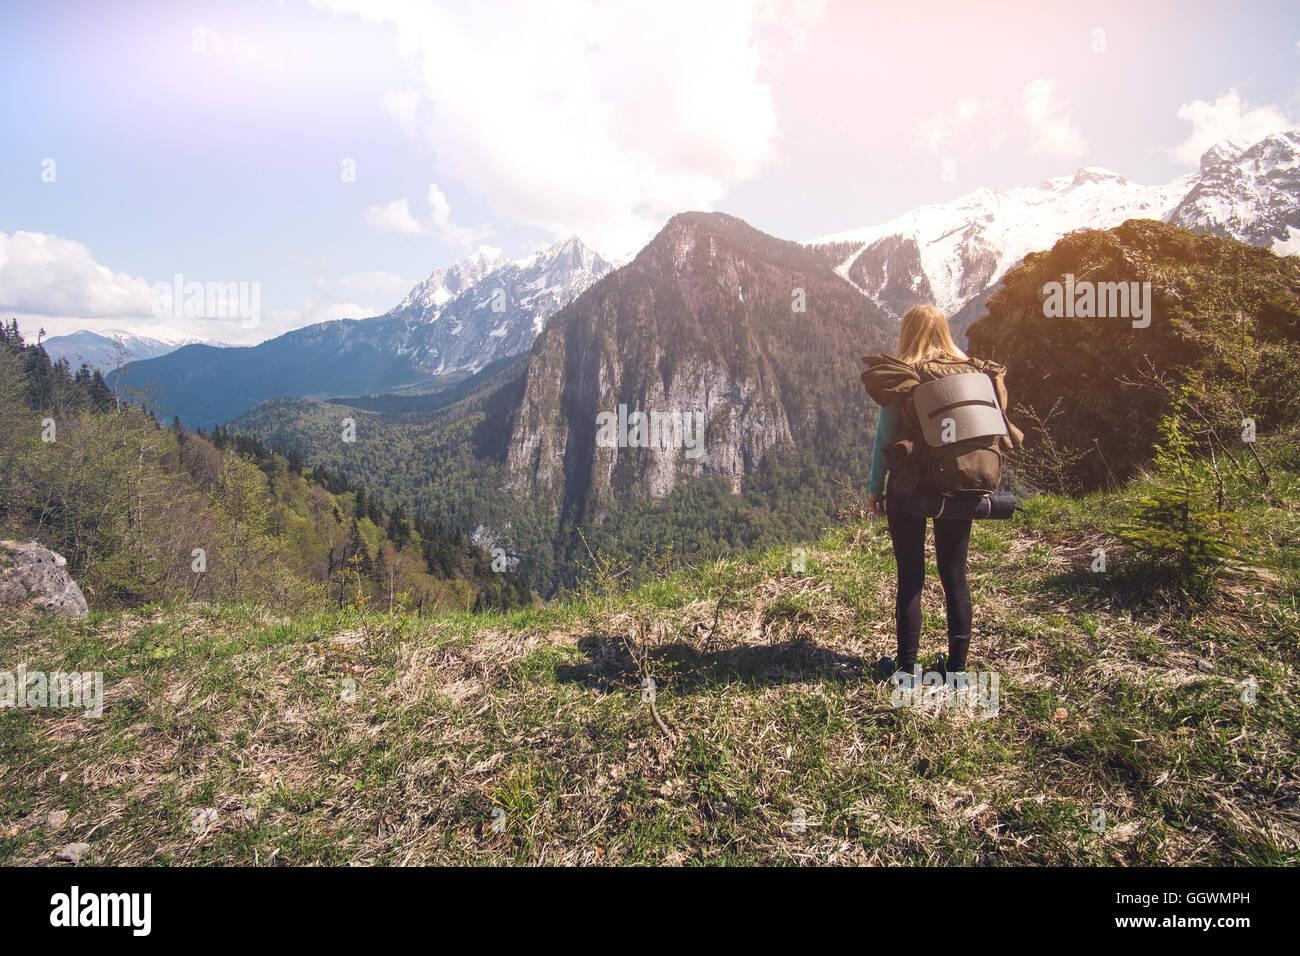 Donna Traveler con zaino escursionismo Outdoor Lifestyle viaggio concetto forest su sfondo estate vacanze viaggio Immagini Stock